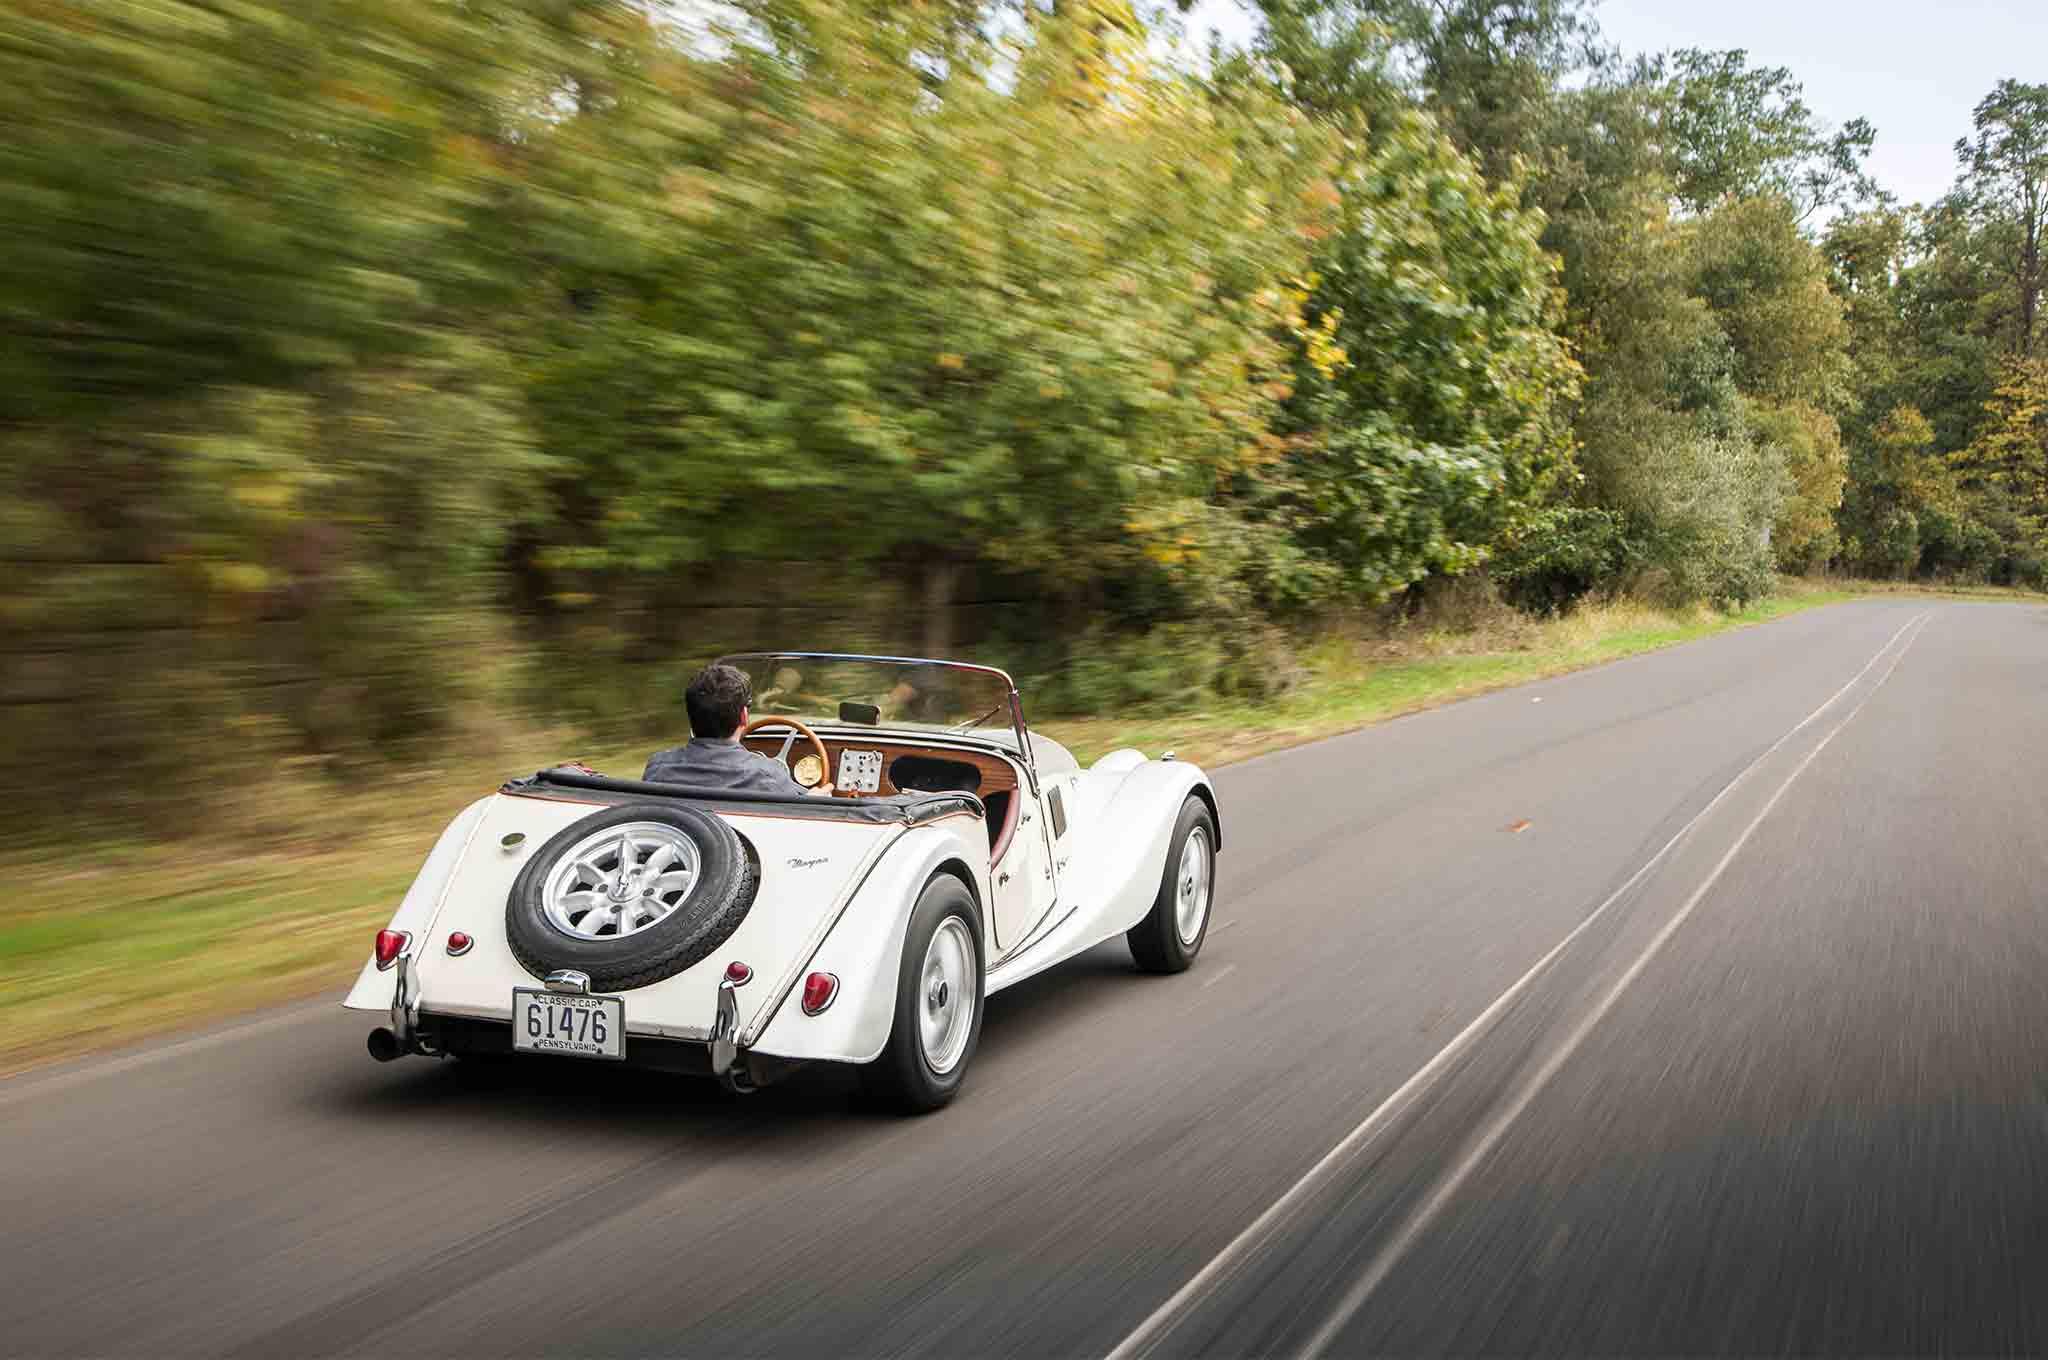 1963 Morgan 4 4 Rear Three Quarter In Motion 03